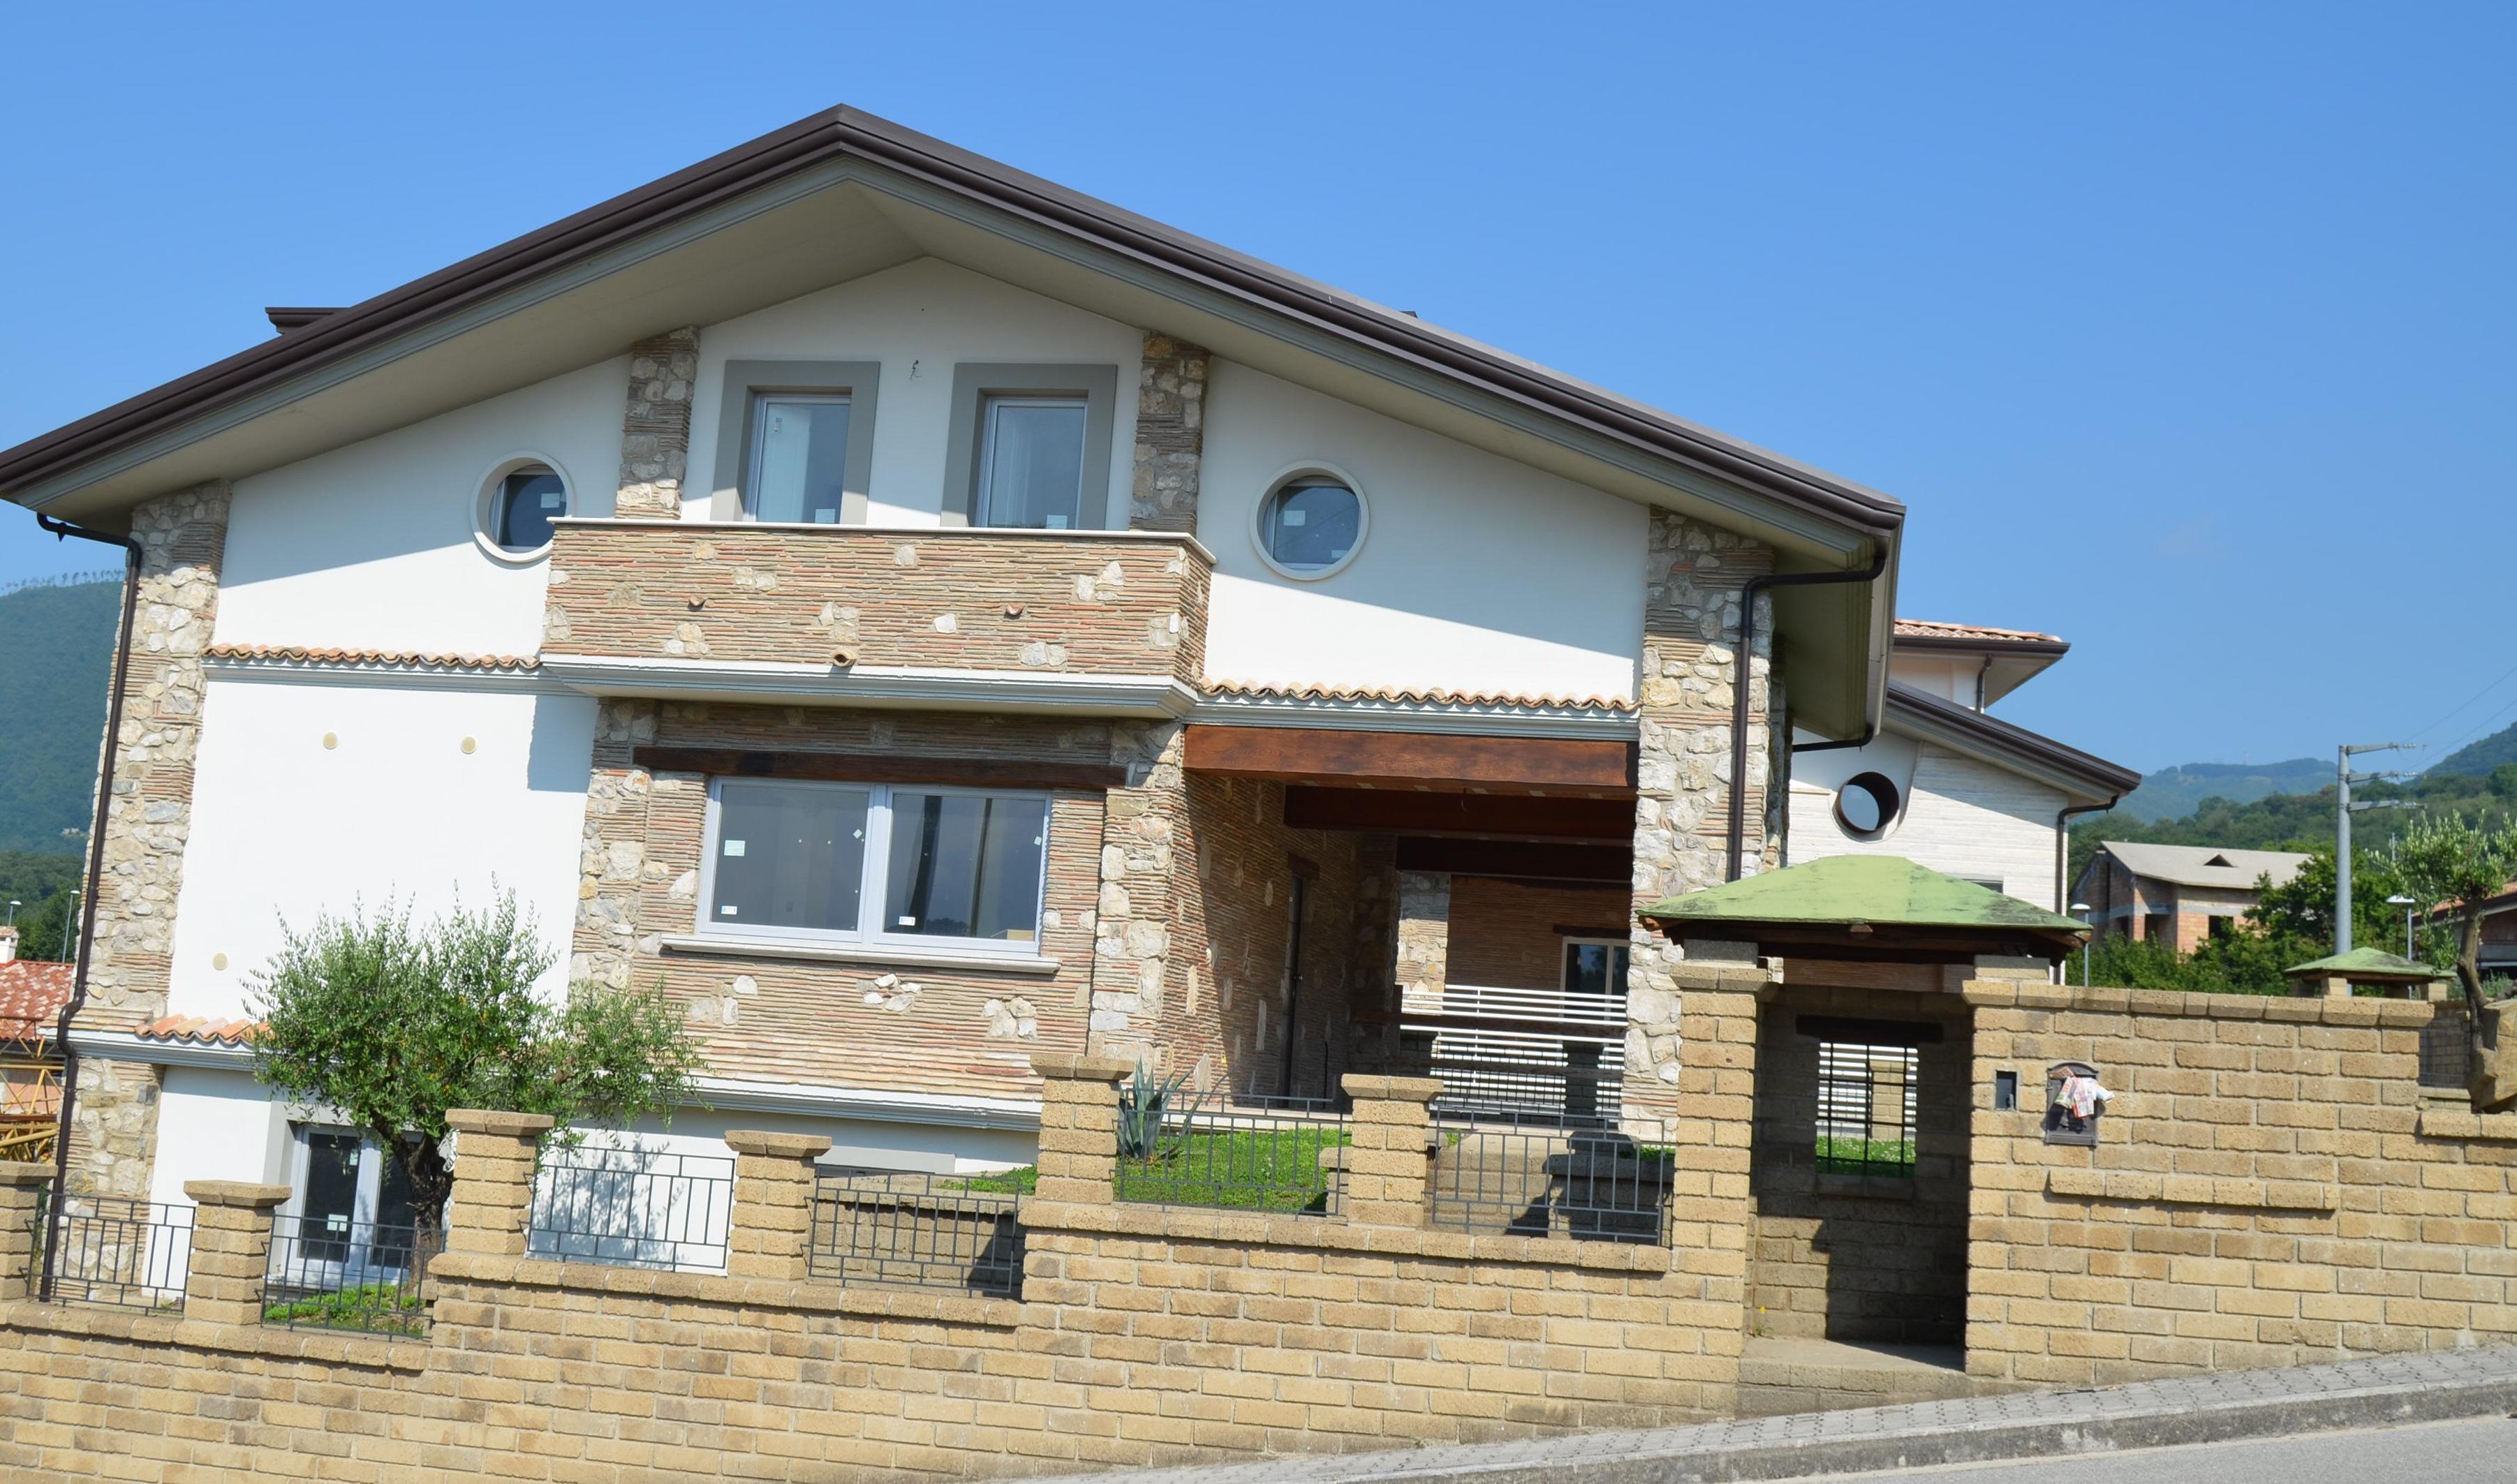 Villa indipendente con giardino di nuova costruzione a pochi km da Avellino